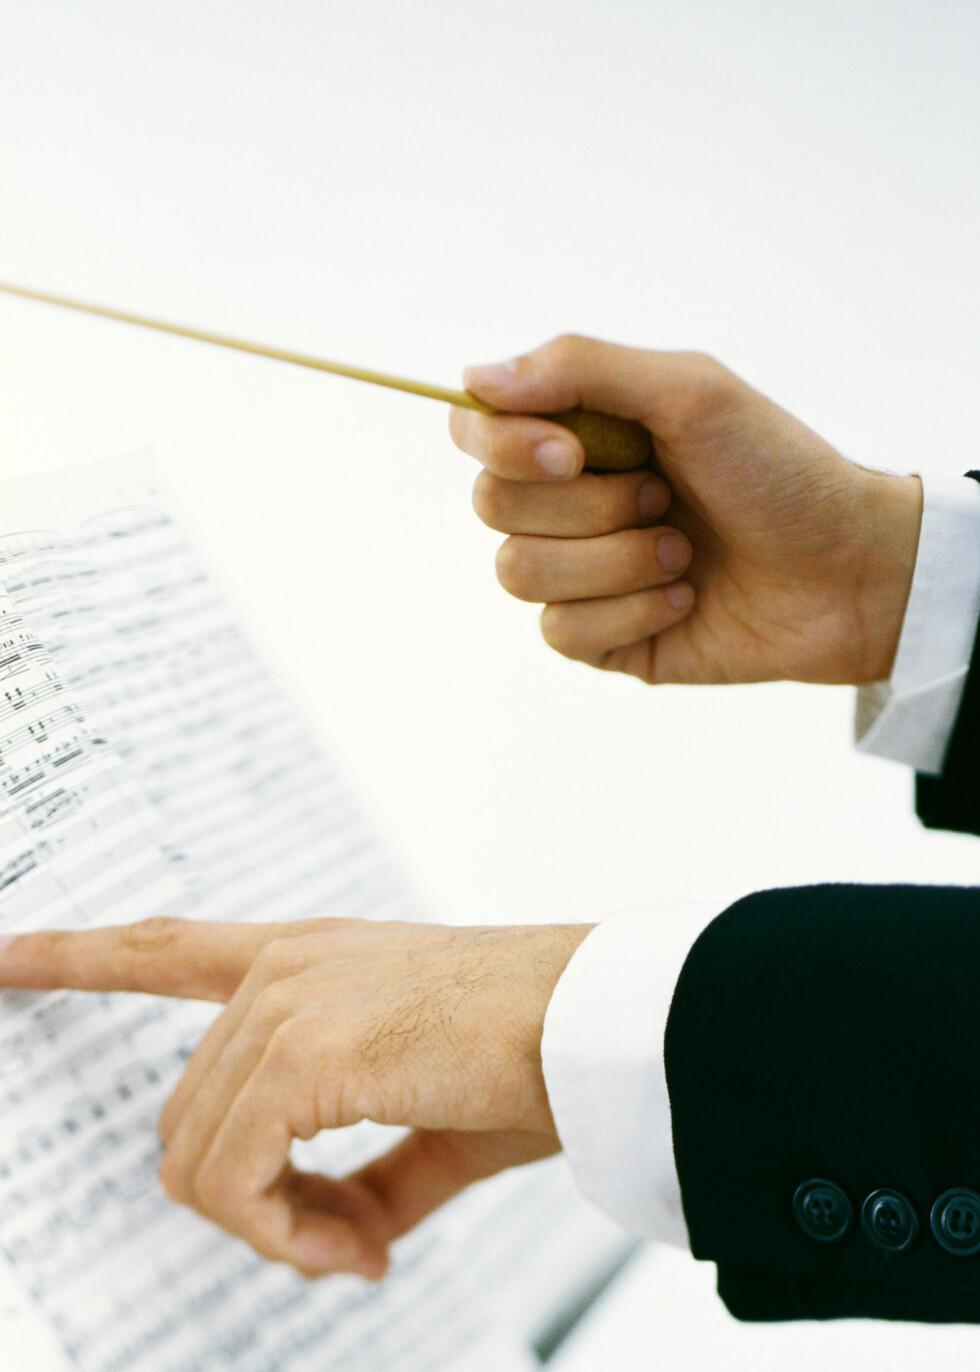 Klassisk-, keltisk- eller reggaemusikk skal hjelpe mot høyt blodtrykk. Illustrasjonsbilde: Colourbox Foto: colourbox.com